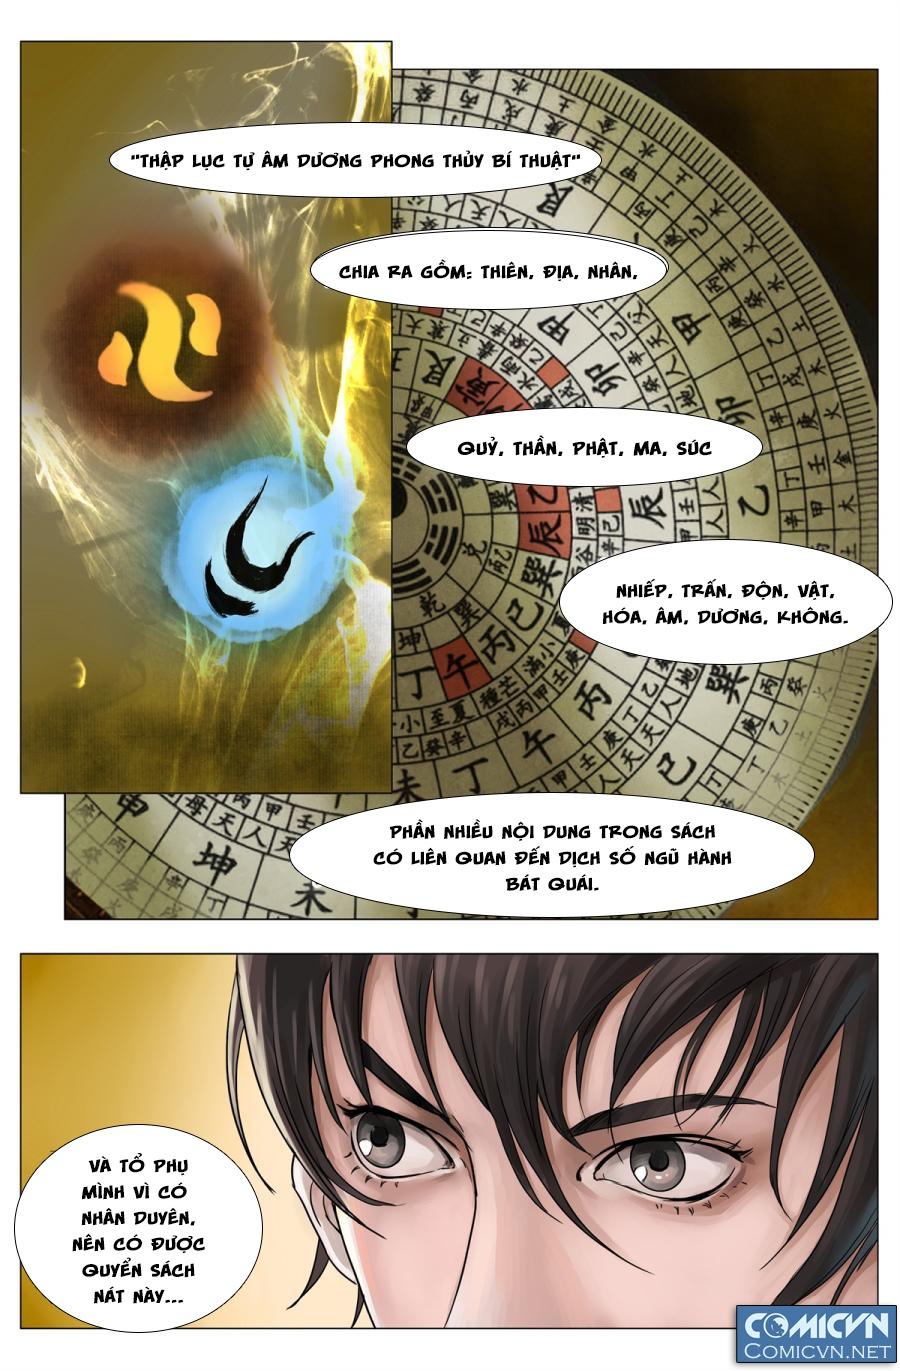 Ma Thổi Đèn truyện tranh màu [Ma Thổi Đèn Full Màu] Chap 4